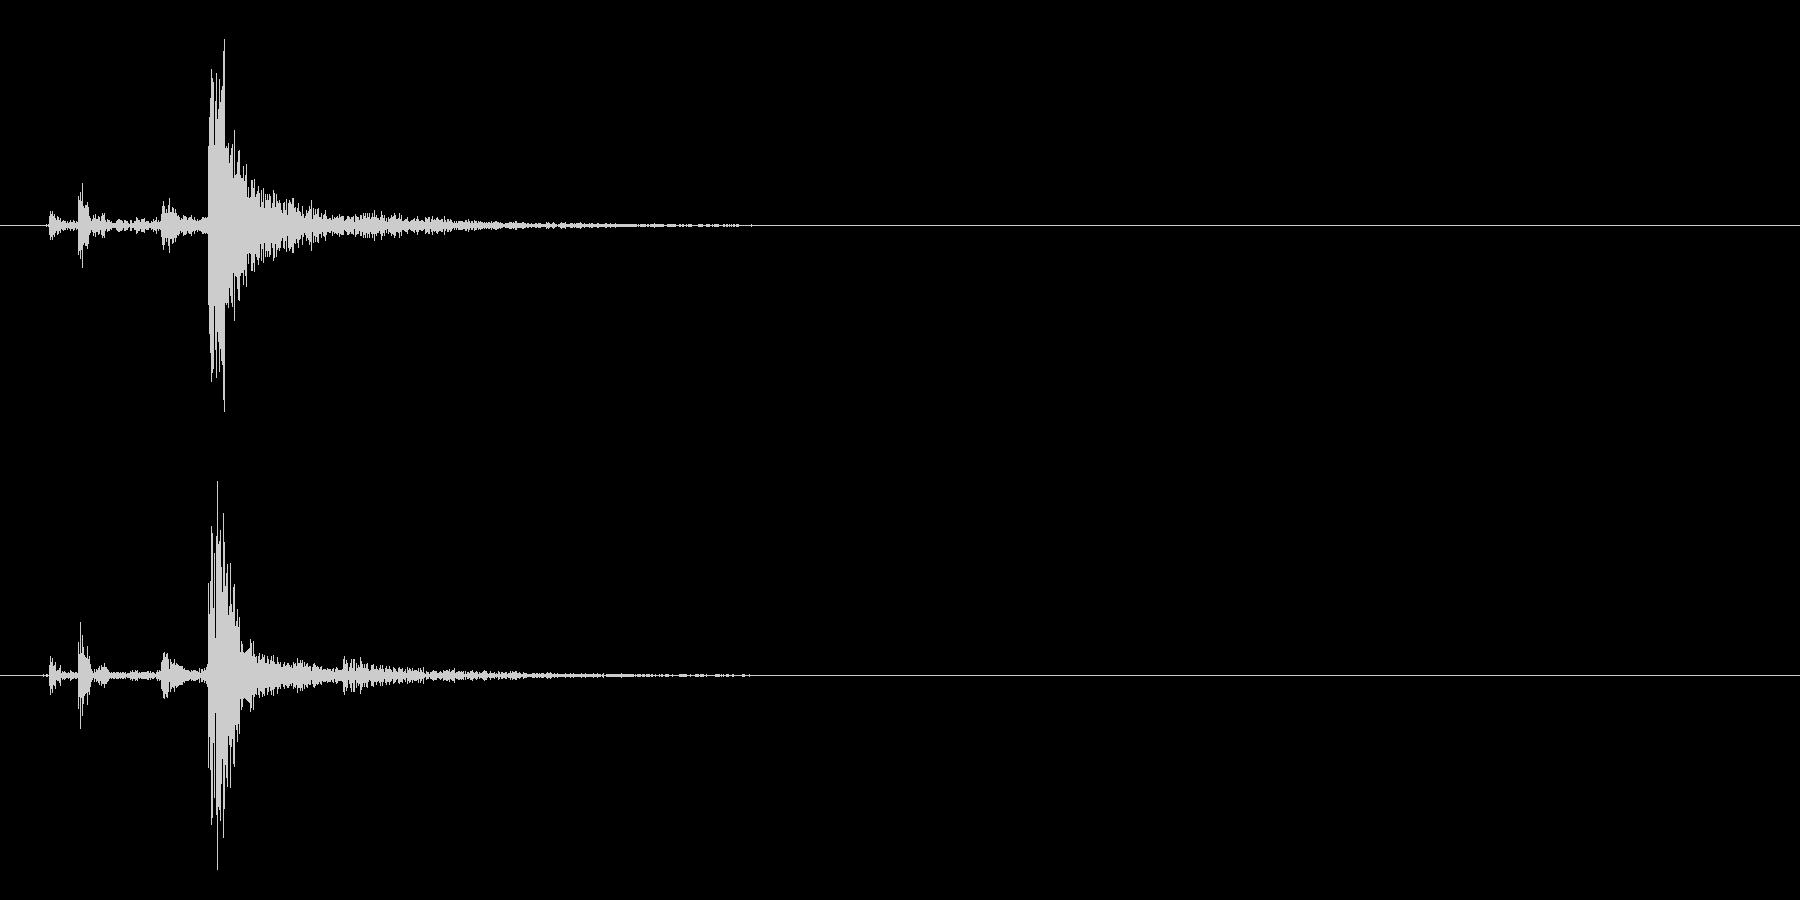 小さなライトまたは電源スイッチ:フ...の未再生の波形